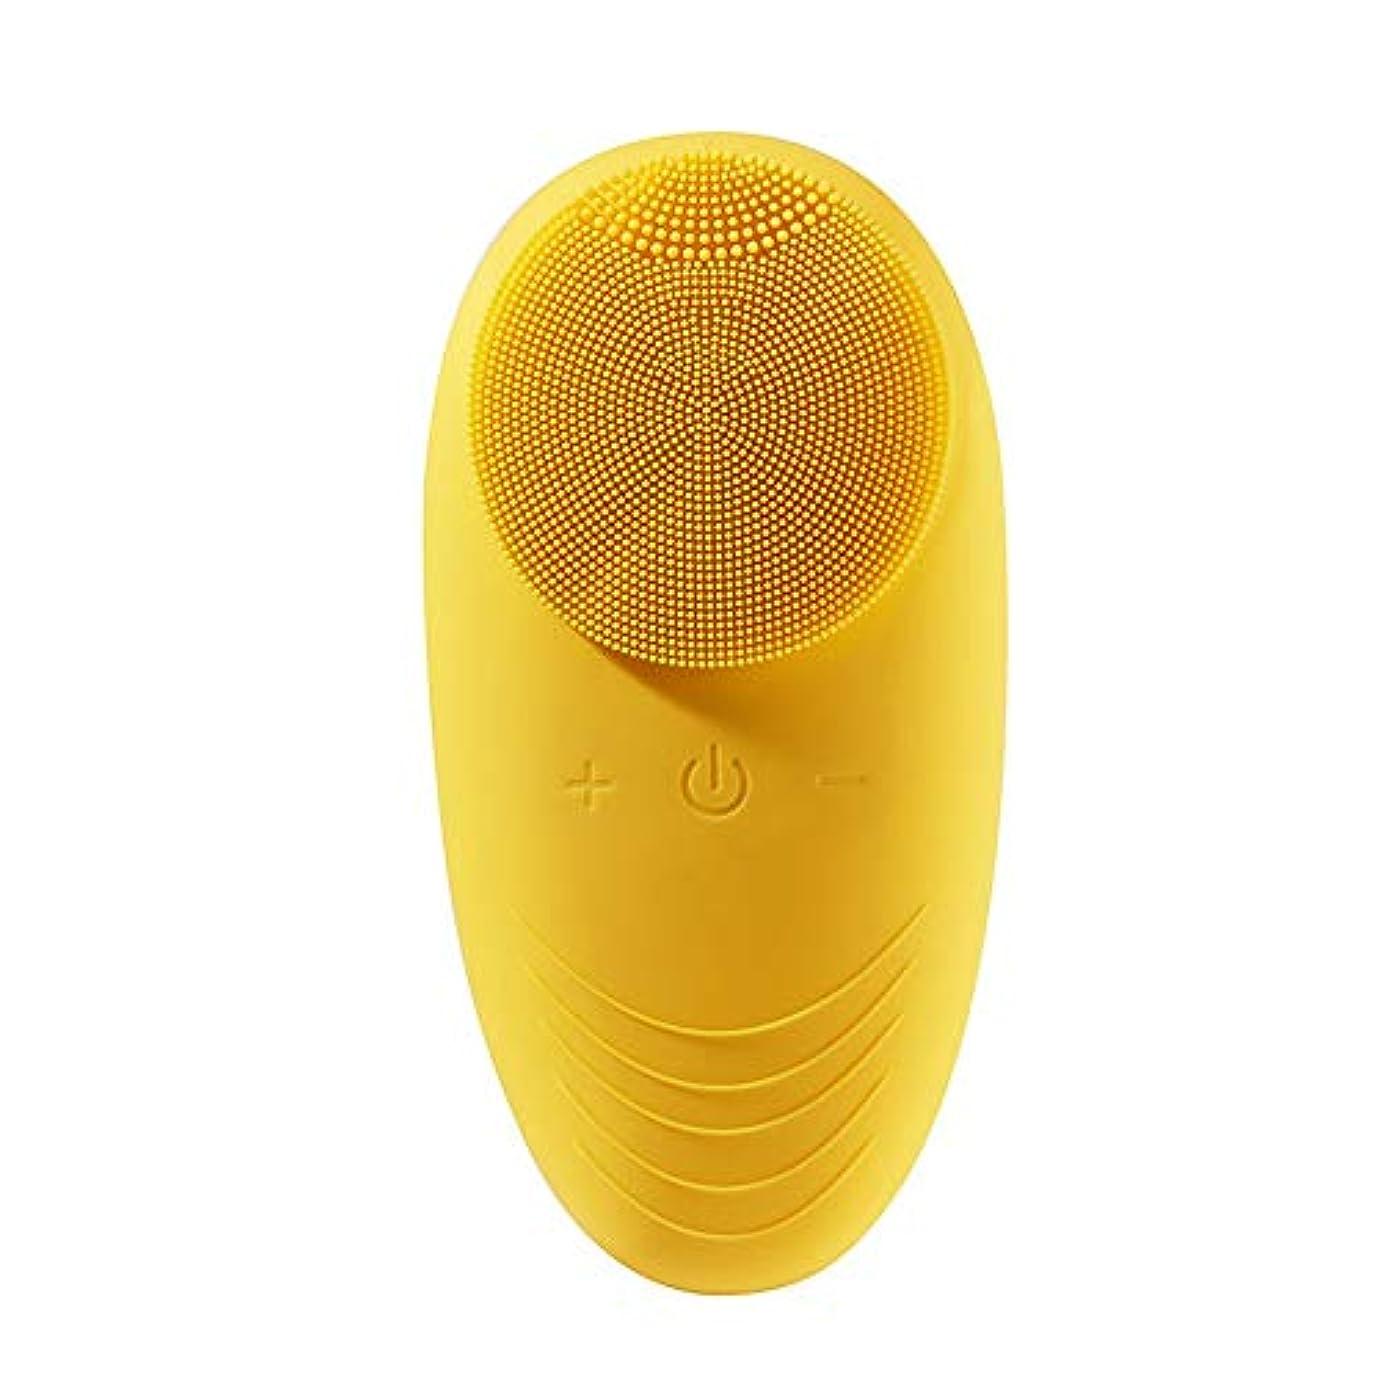 パスタ止まる宣言ZXF 電気シリコーン防水クレンジングブラシディープクリーニングポア超音波振動クレンジング器具美容器具 滑らかである (色 : Yellow)